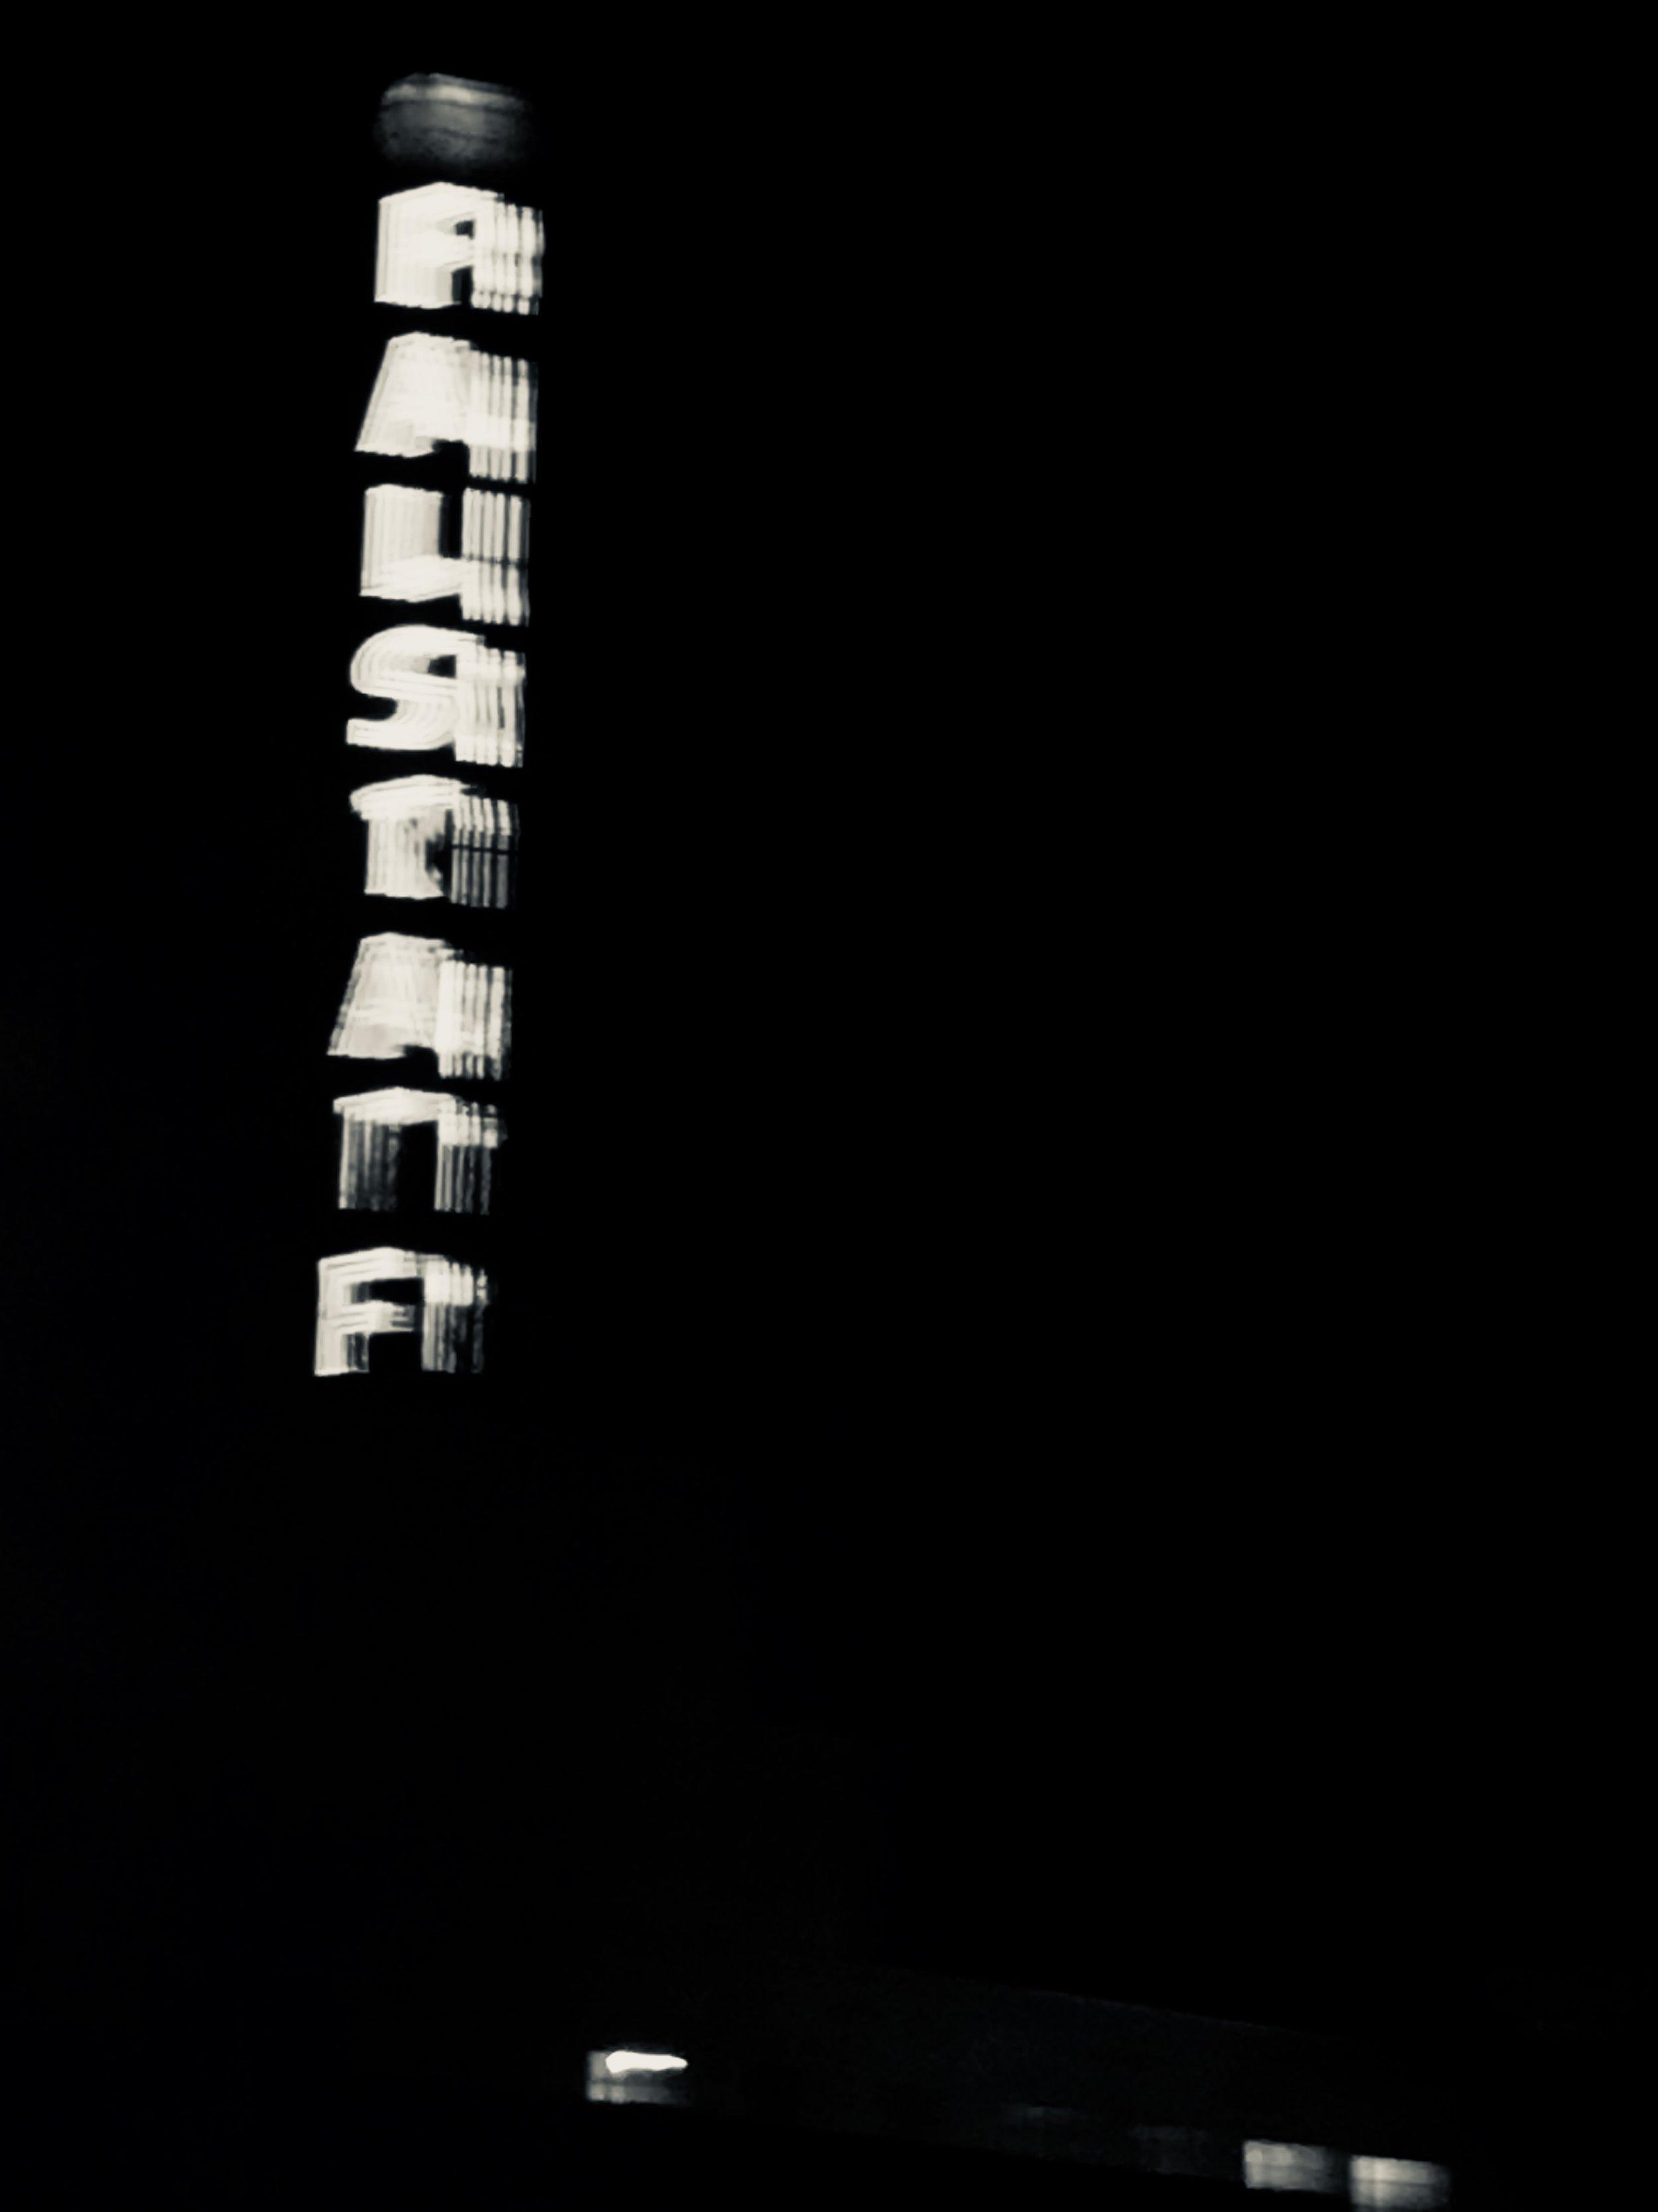 Falstaff Tower